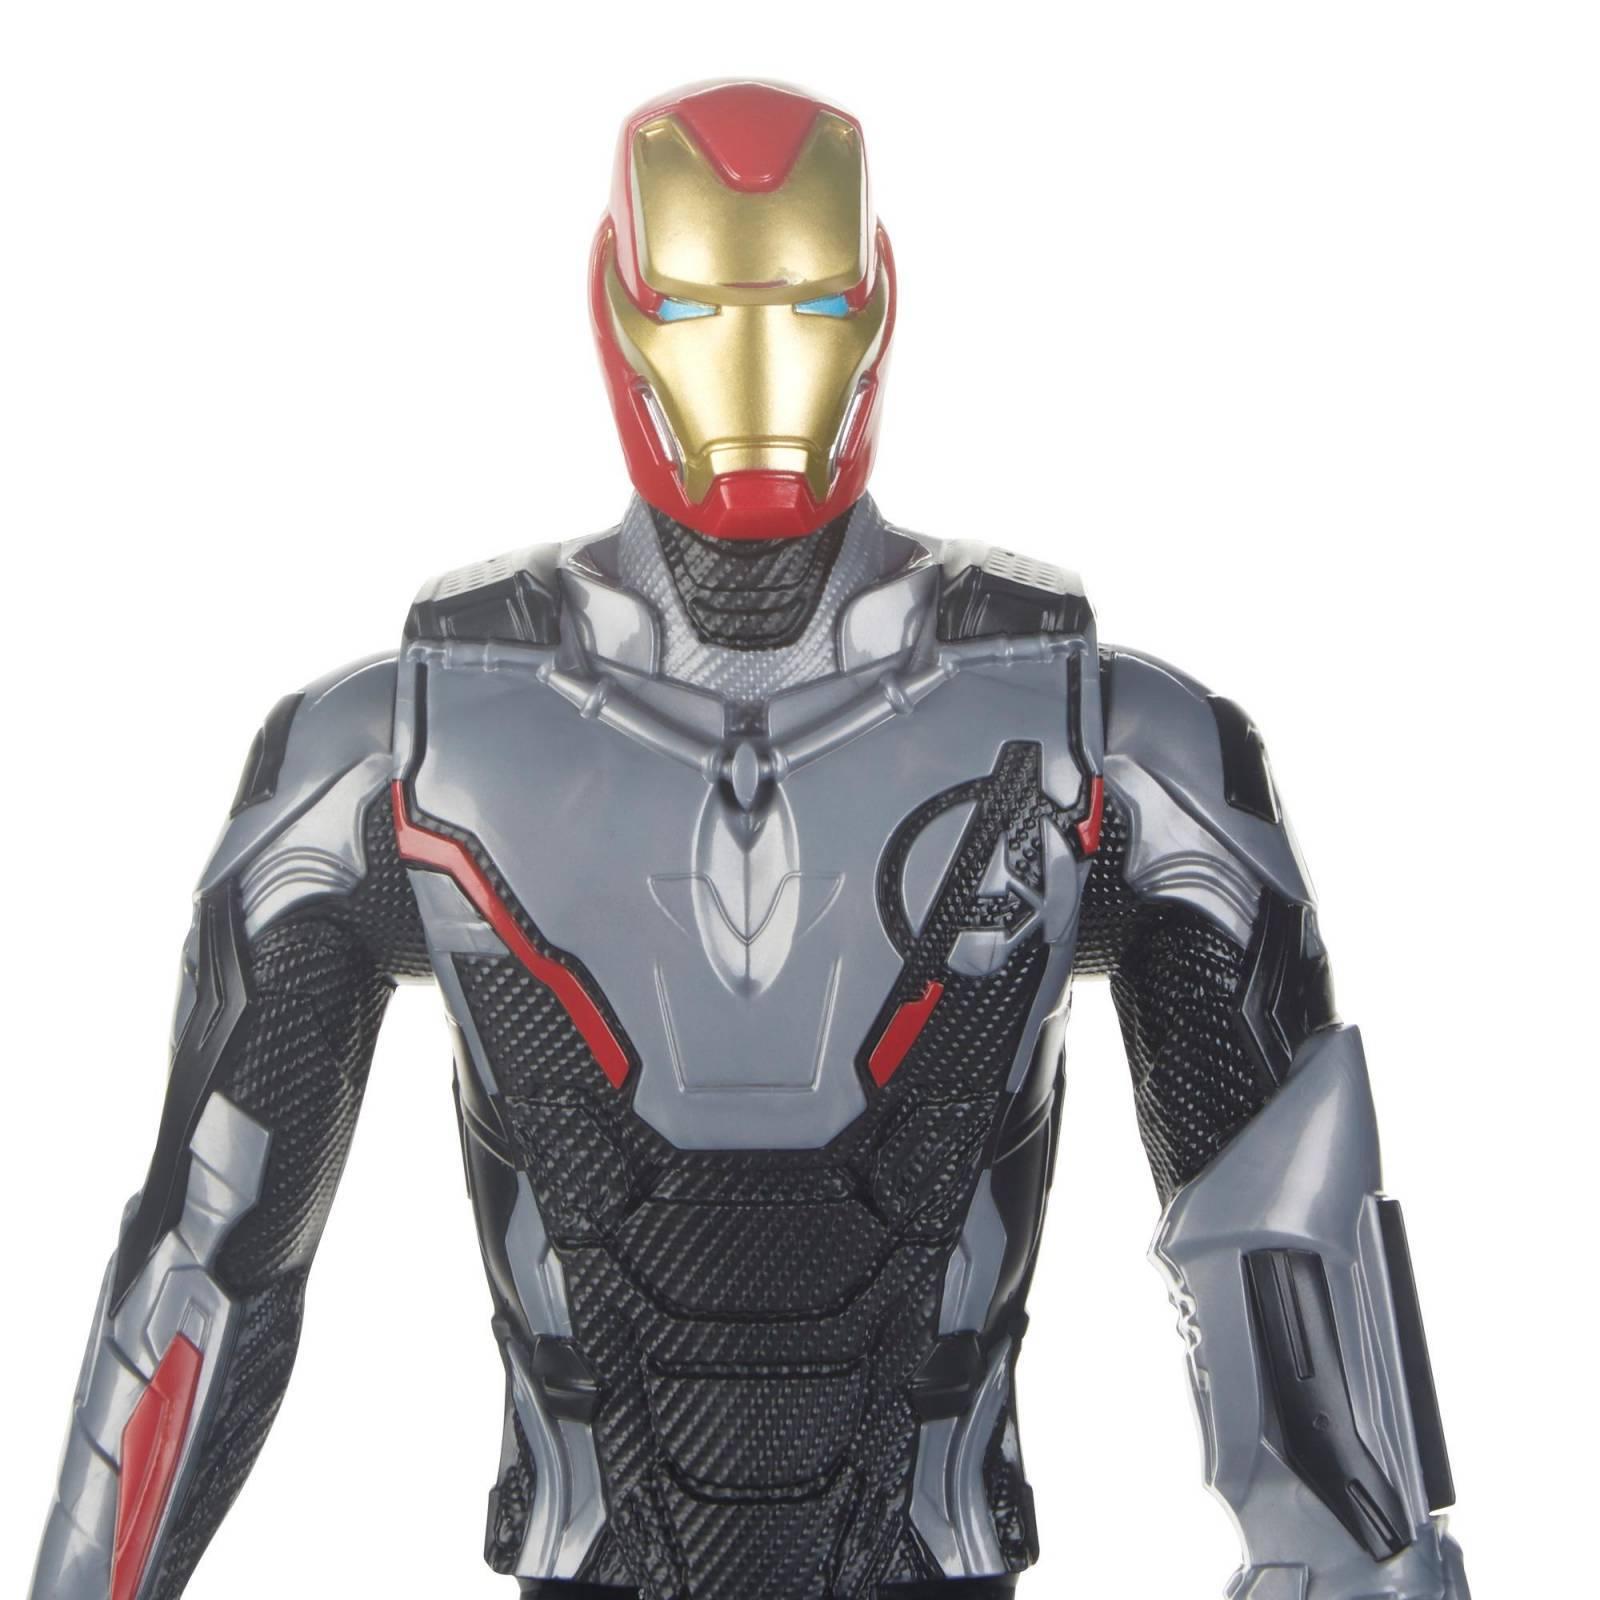 Boneco Homem de Ferro 30 Cm Titan Hero com Dispositivo Power FX E3298 - Hasbro